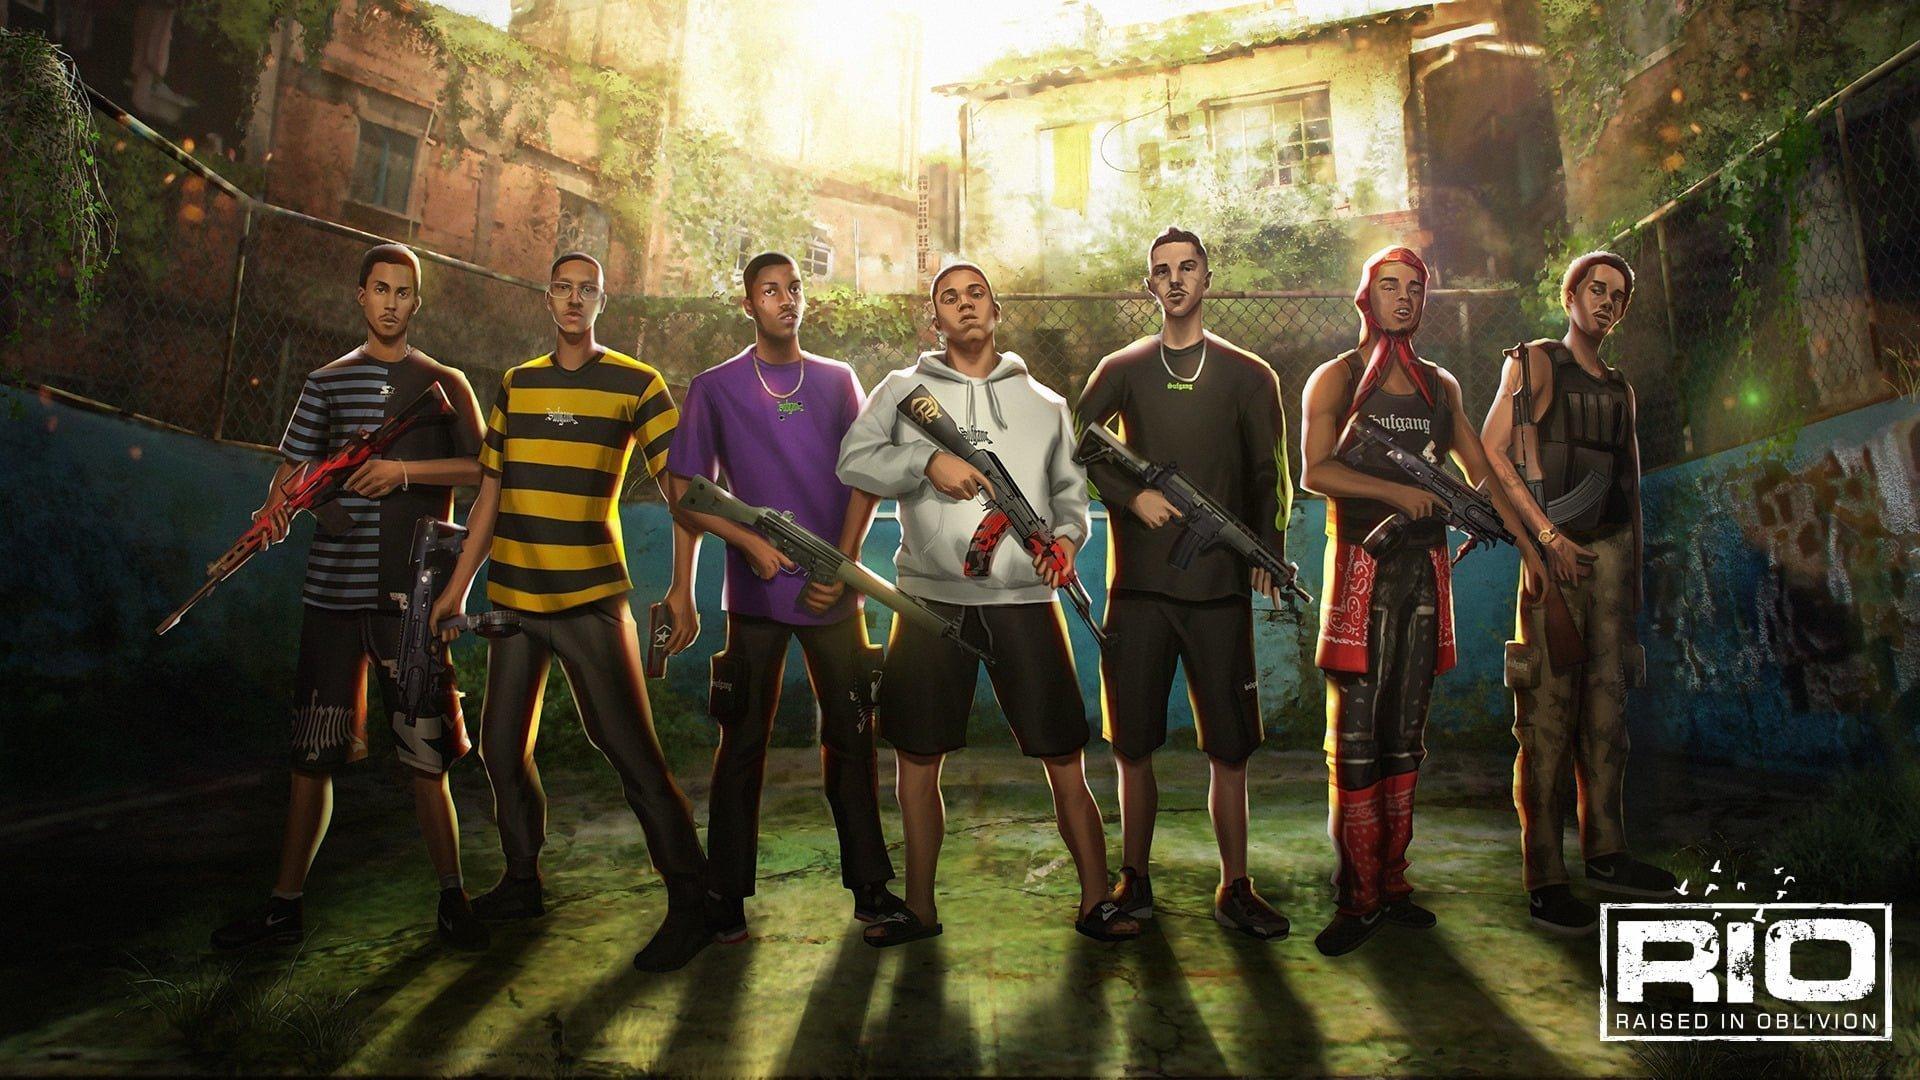 RIO - Raised In Oblivion é um jogo brasileiro muito aguardado pelos seus fãs, agora a First Fenix Studio divulgou uma gameplay do game.